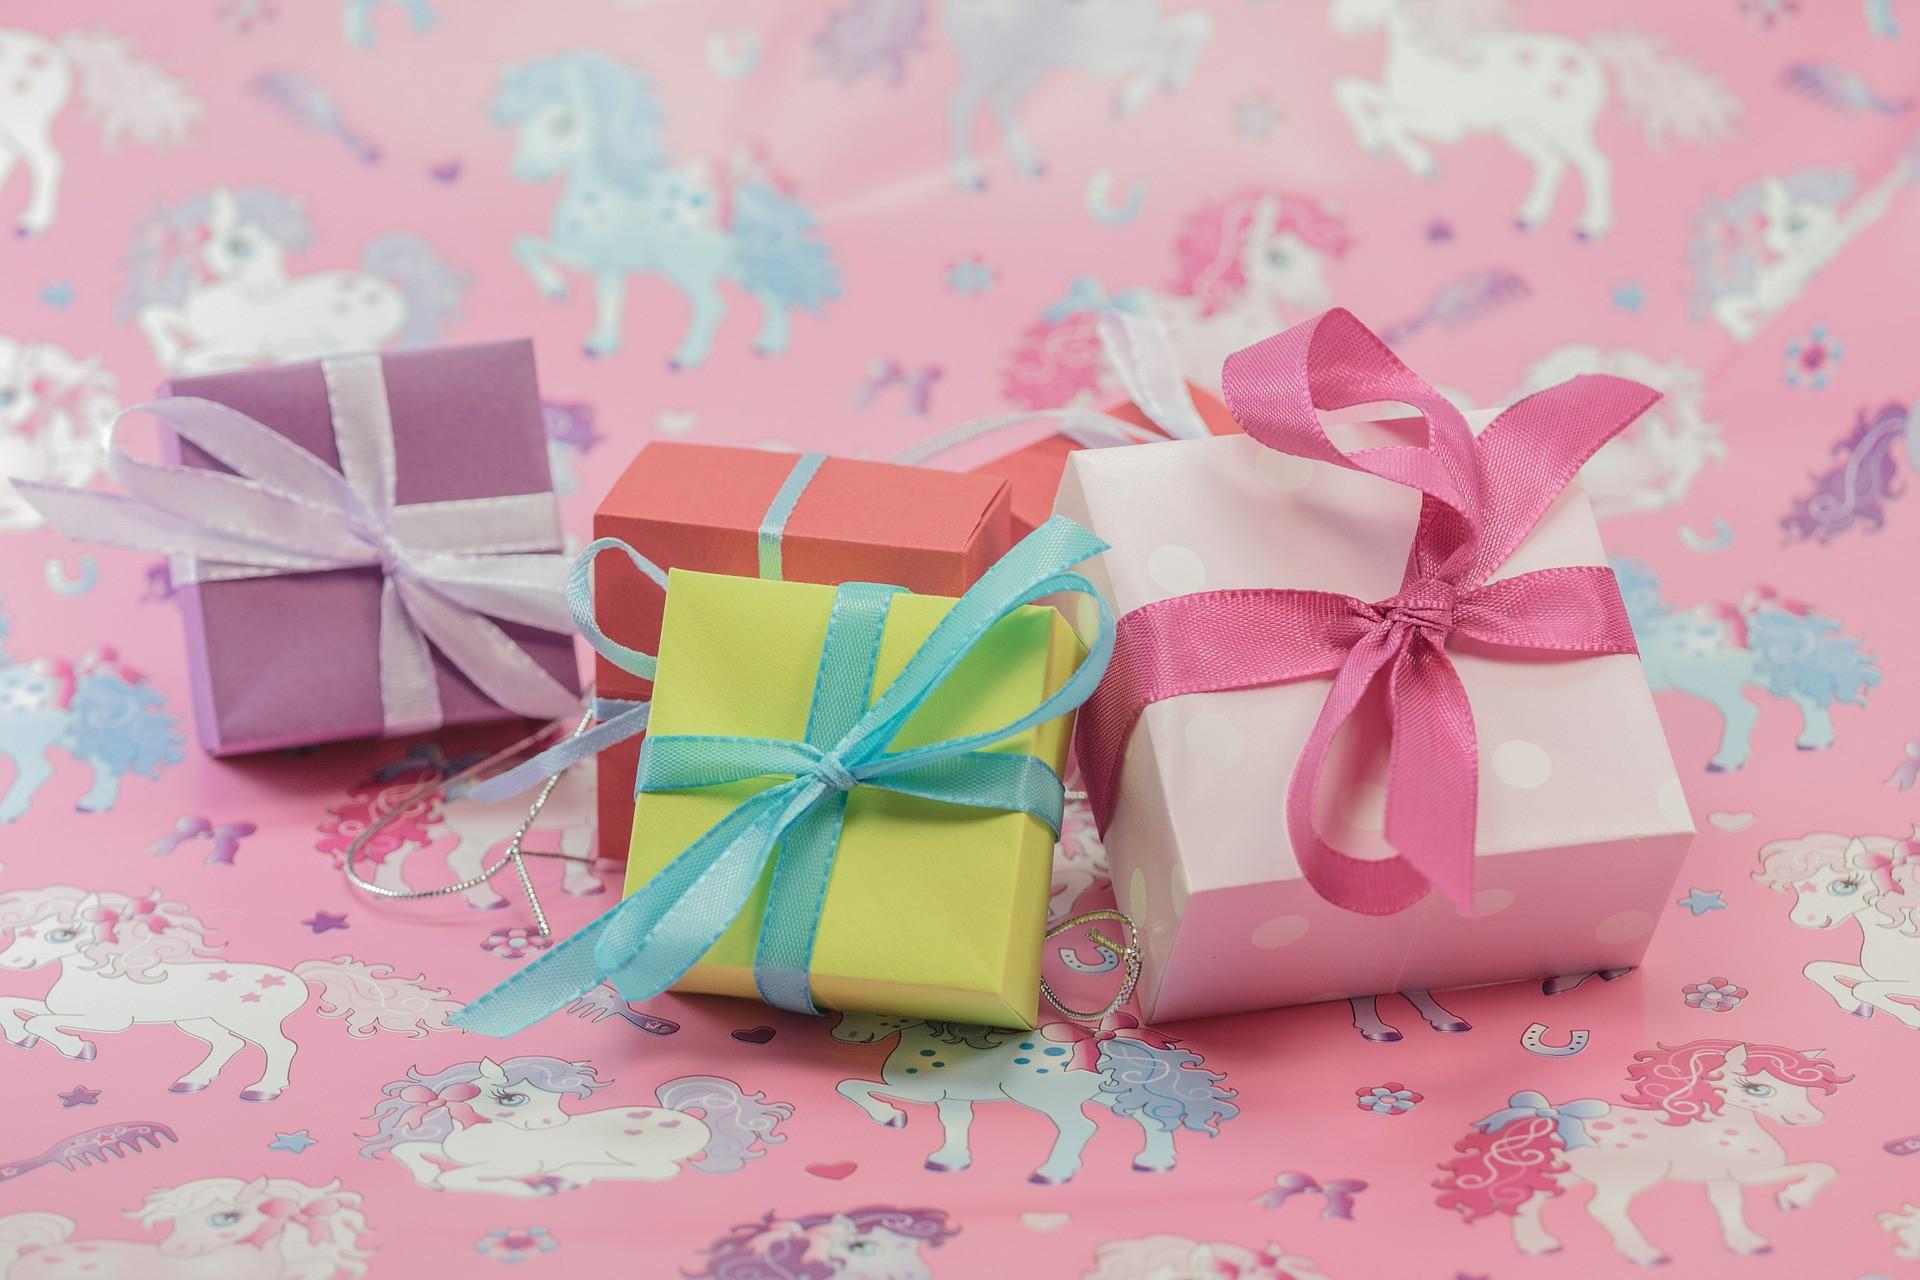 Sinnvolle Geschenke Zur Geburt  Phasen der Geburt Anzeichen und Ablauf